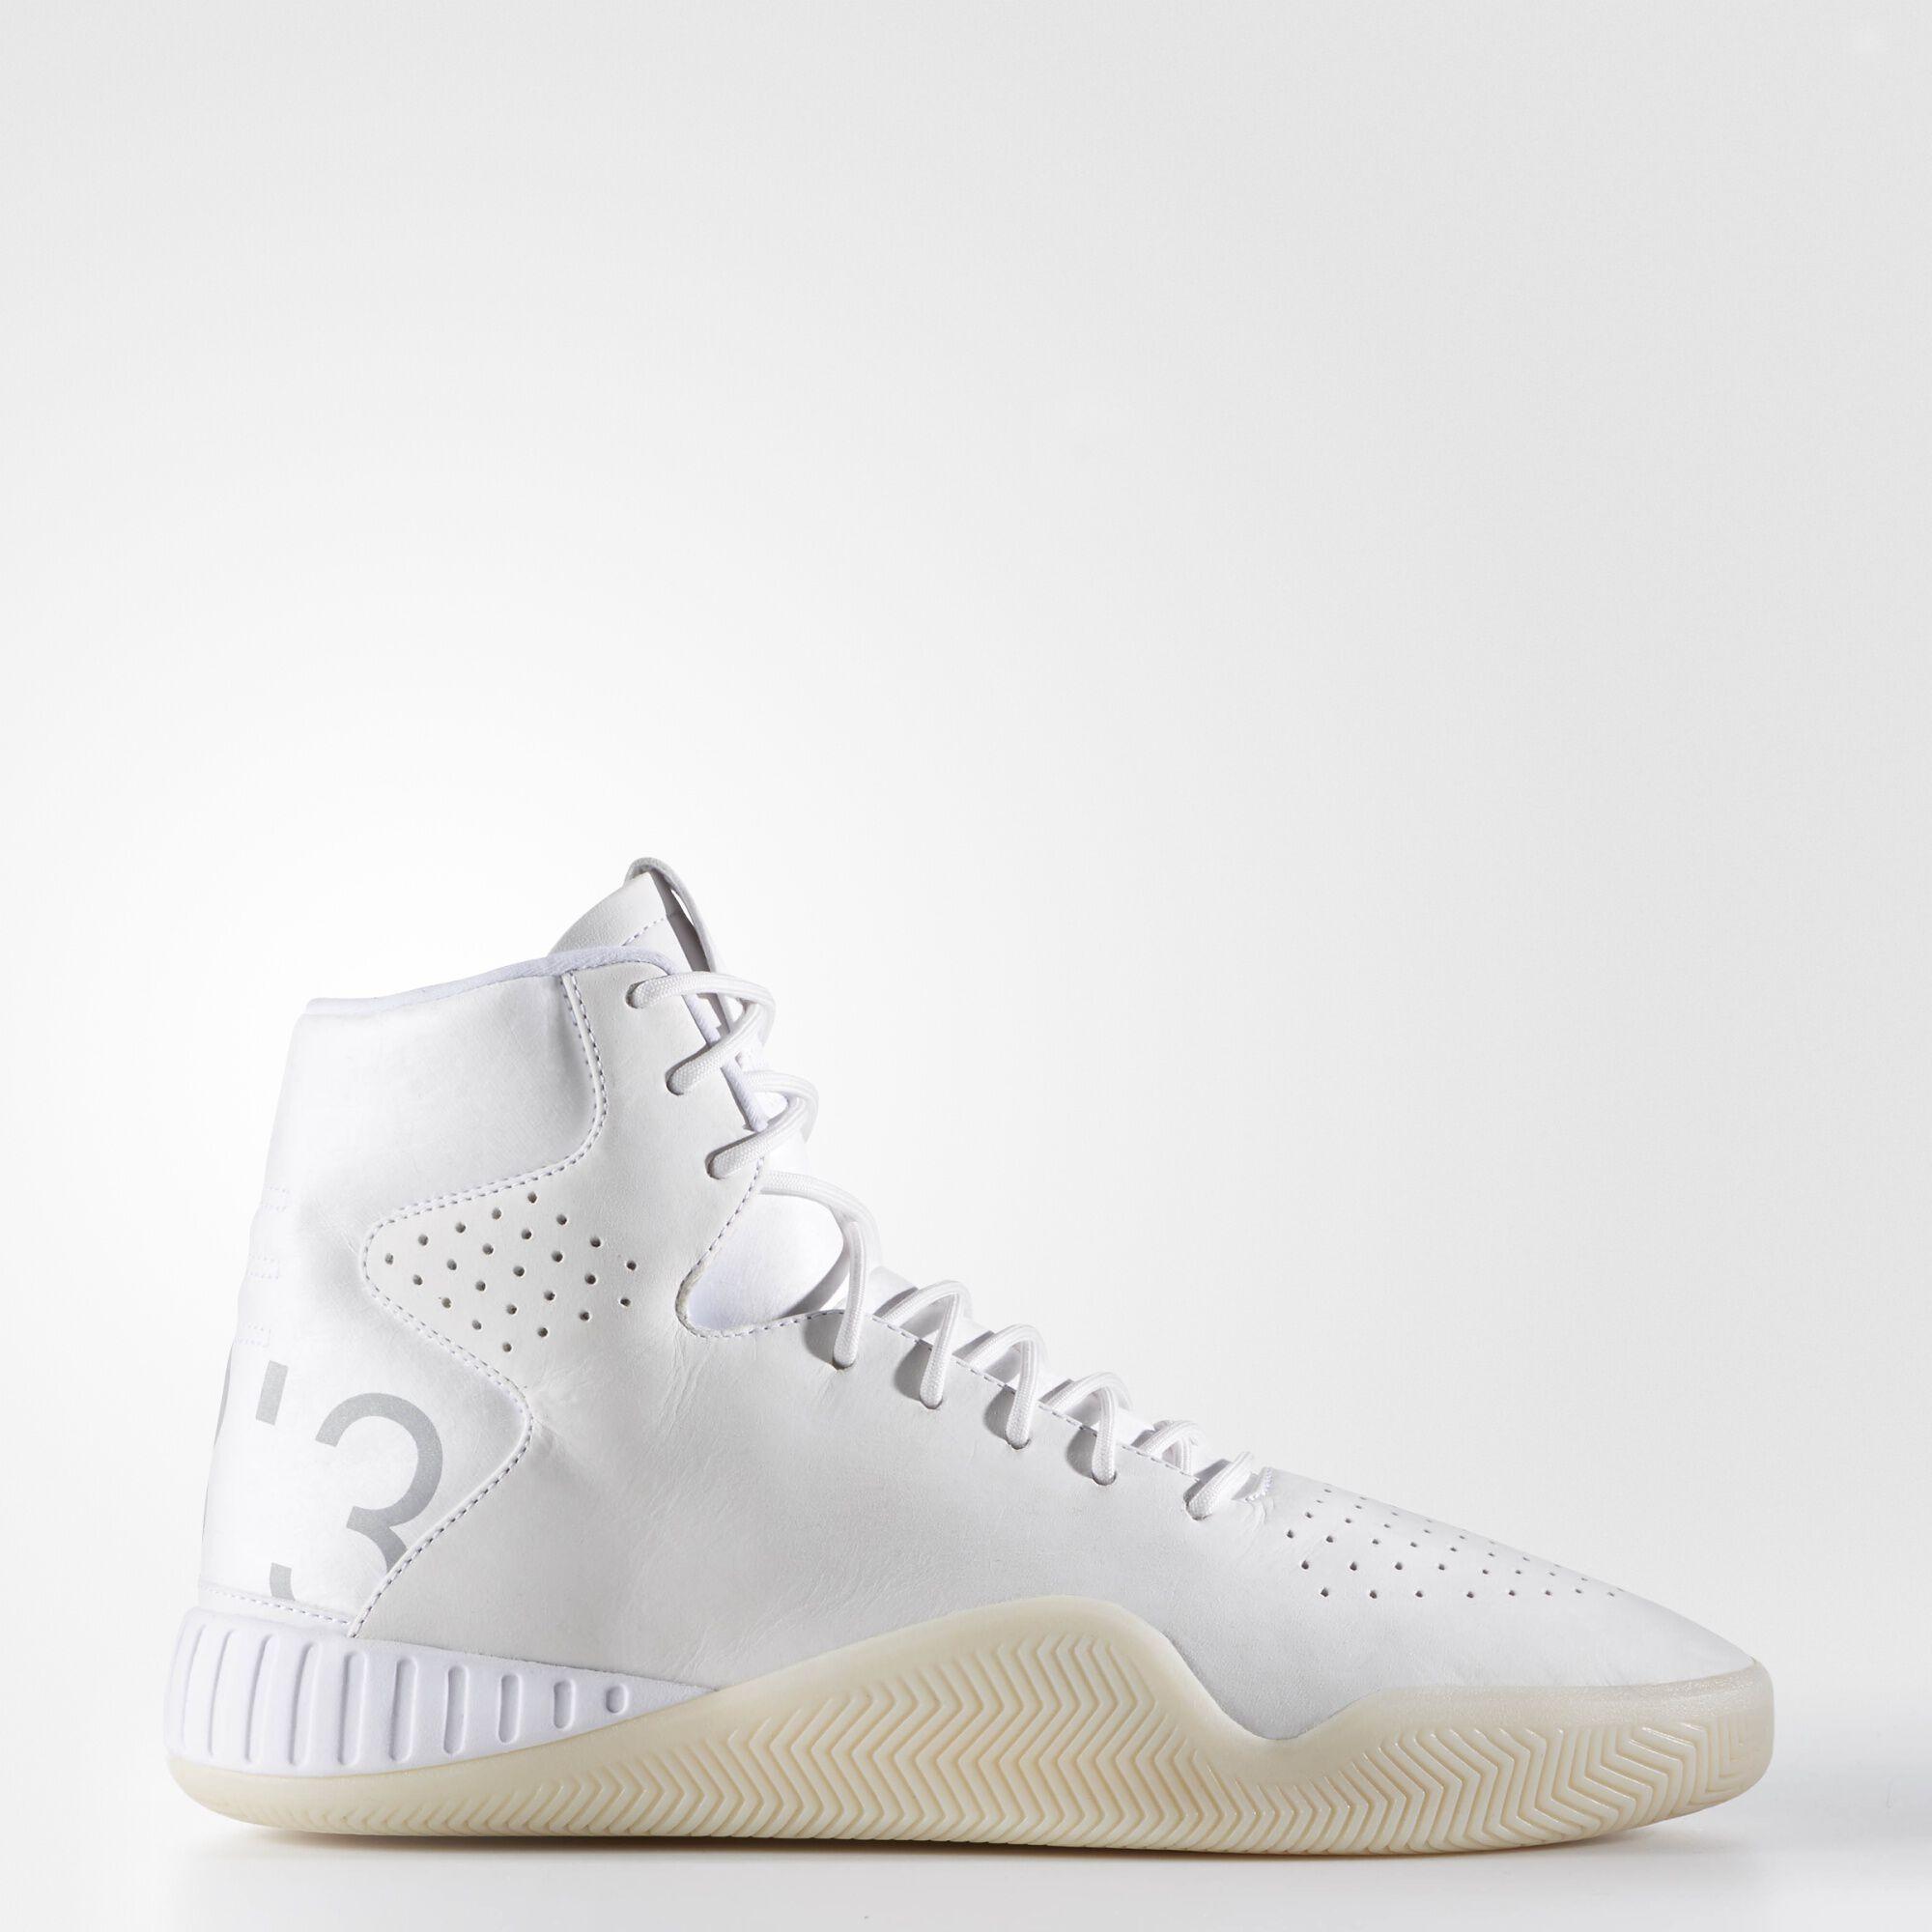 Adidas Tubular White Reflective